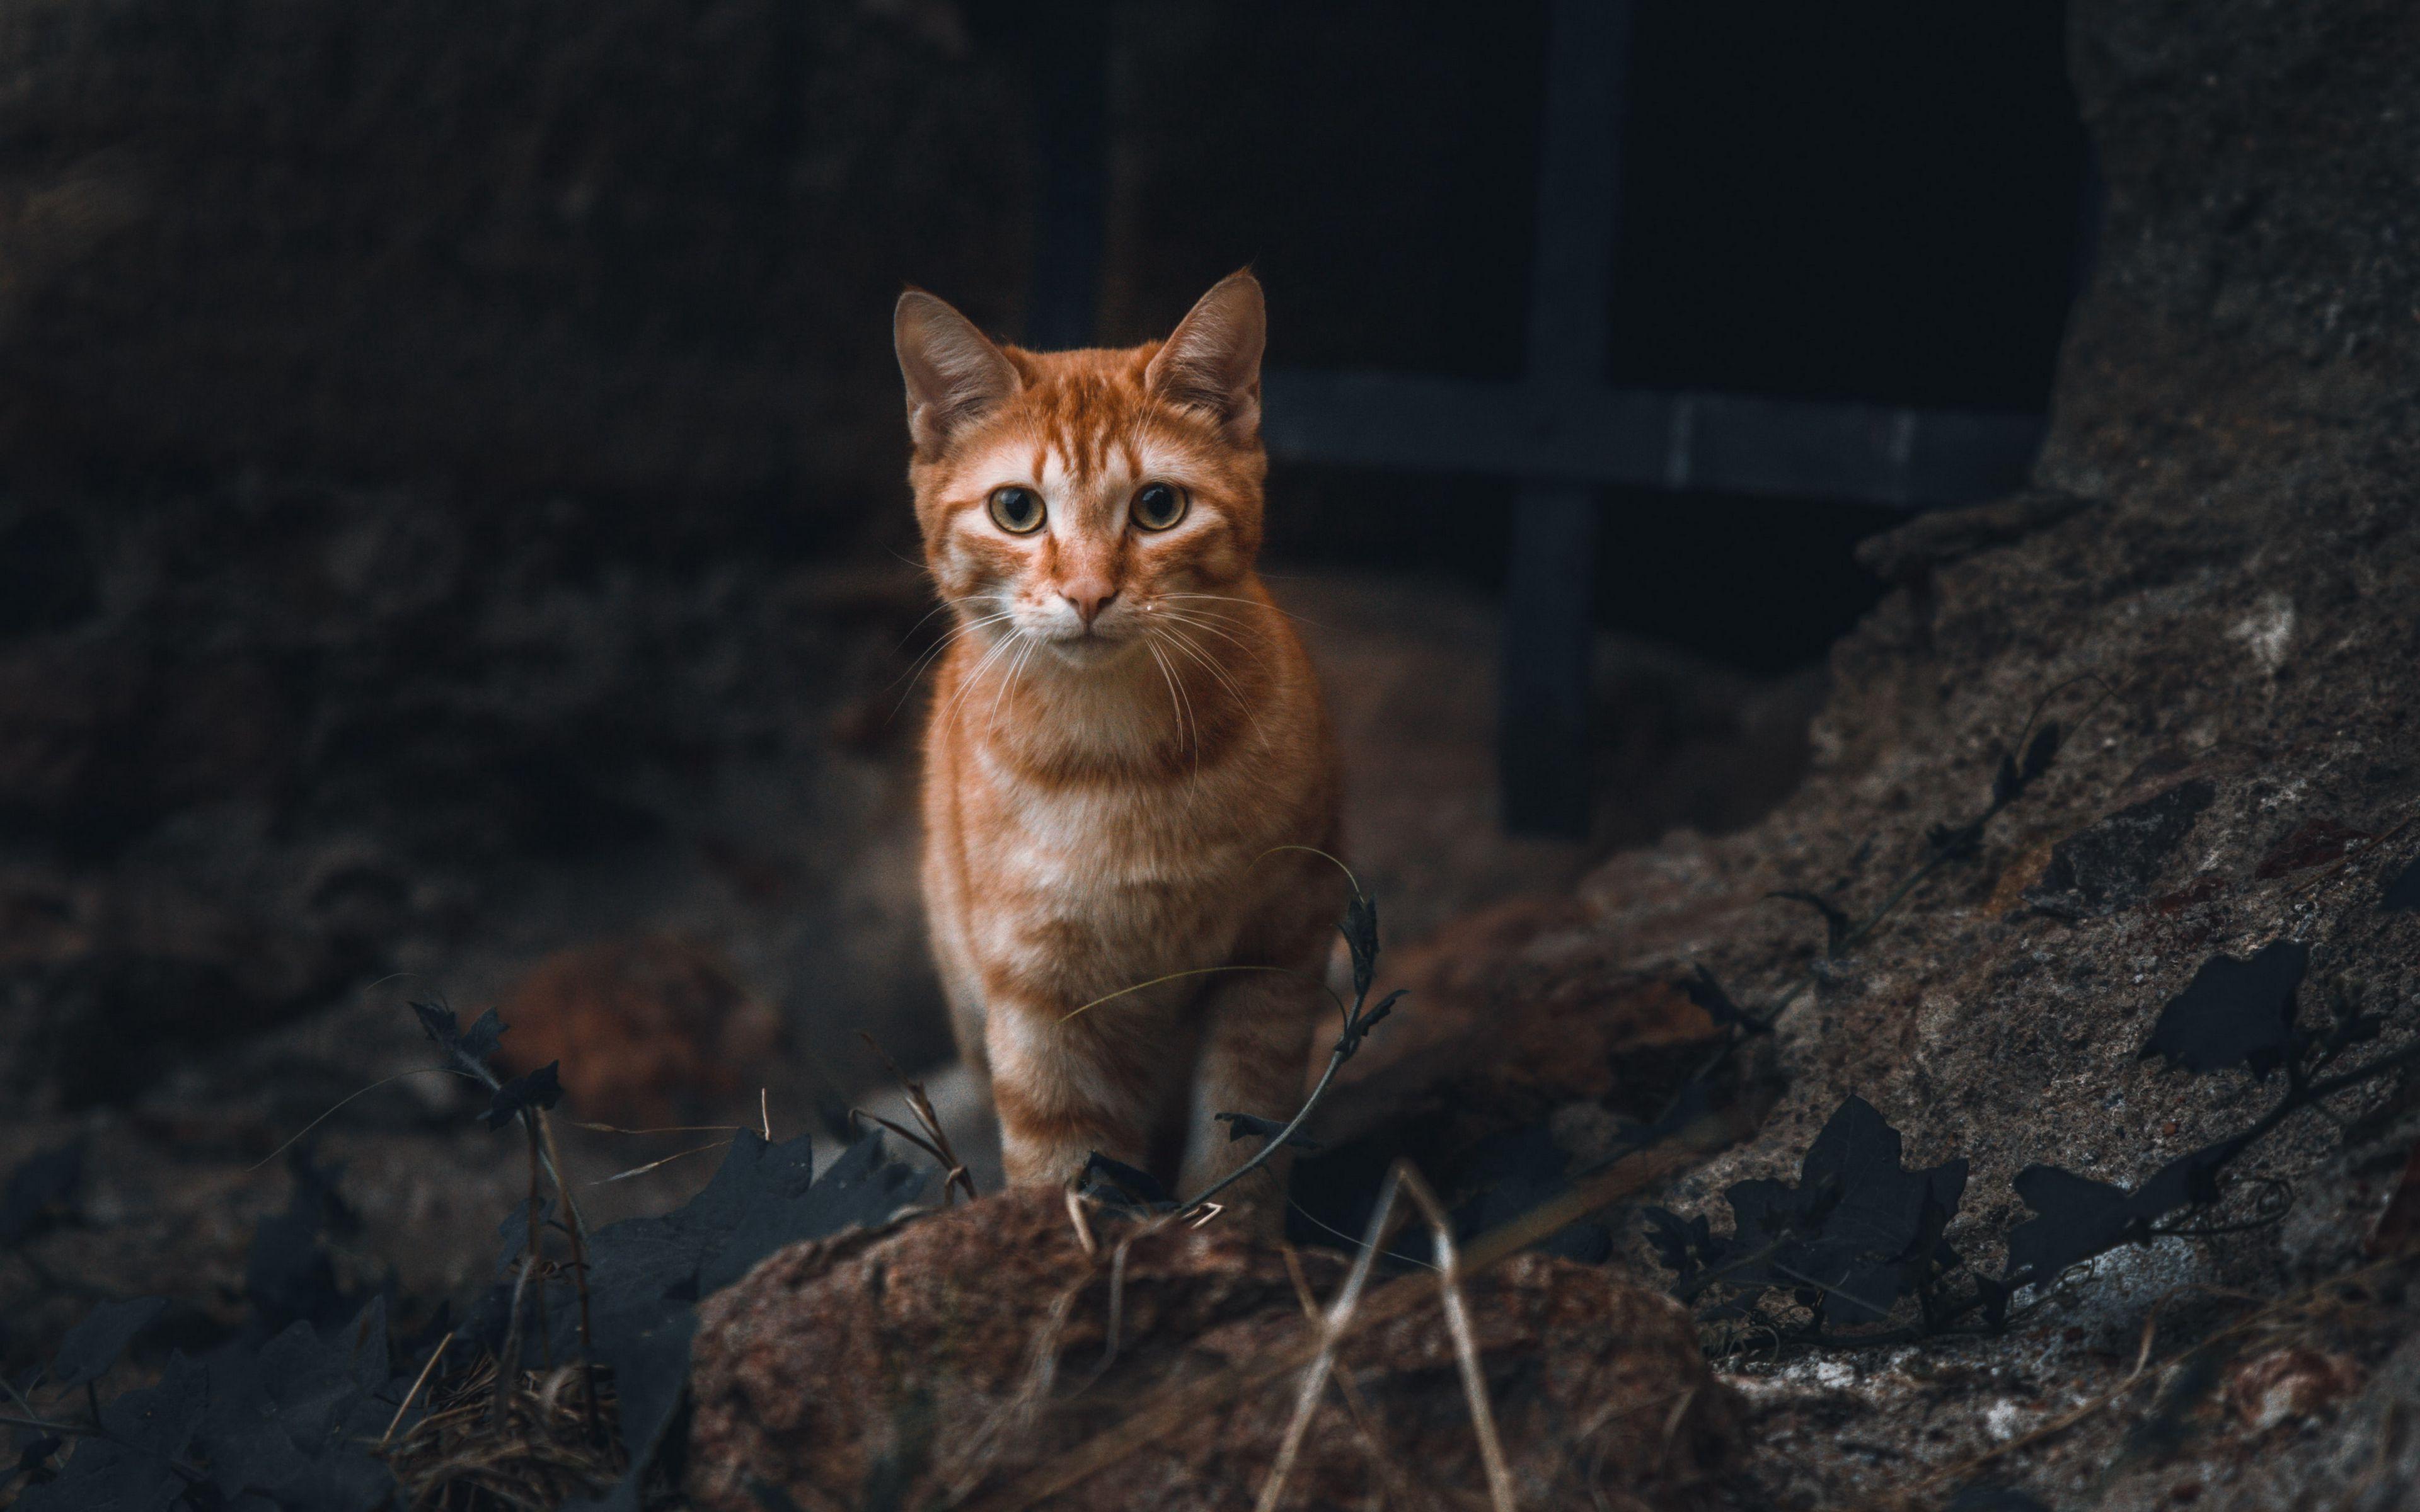 Fondos de pantalla Mirada de gato